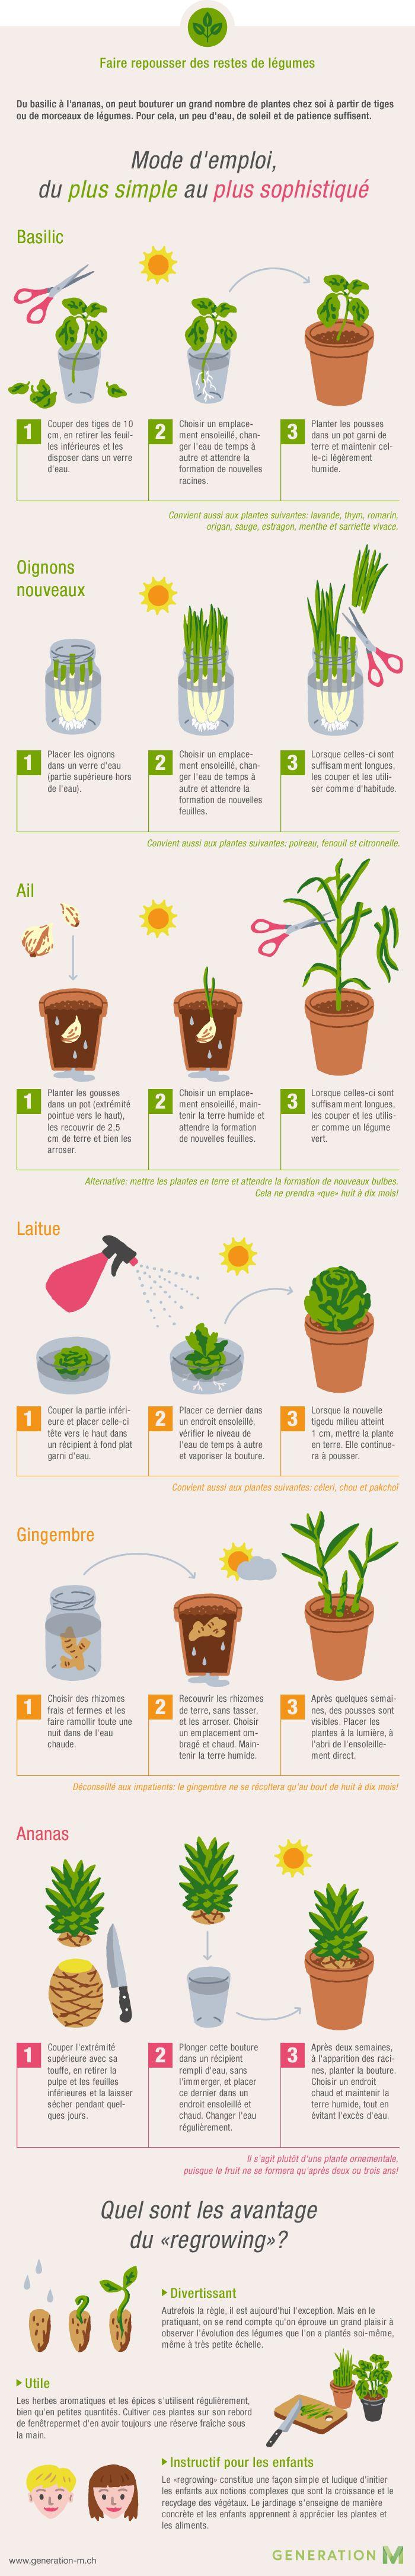 Infographie pour faire repousser les légumes